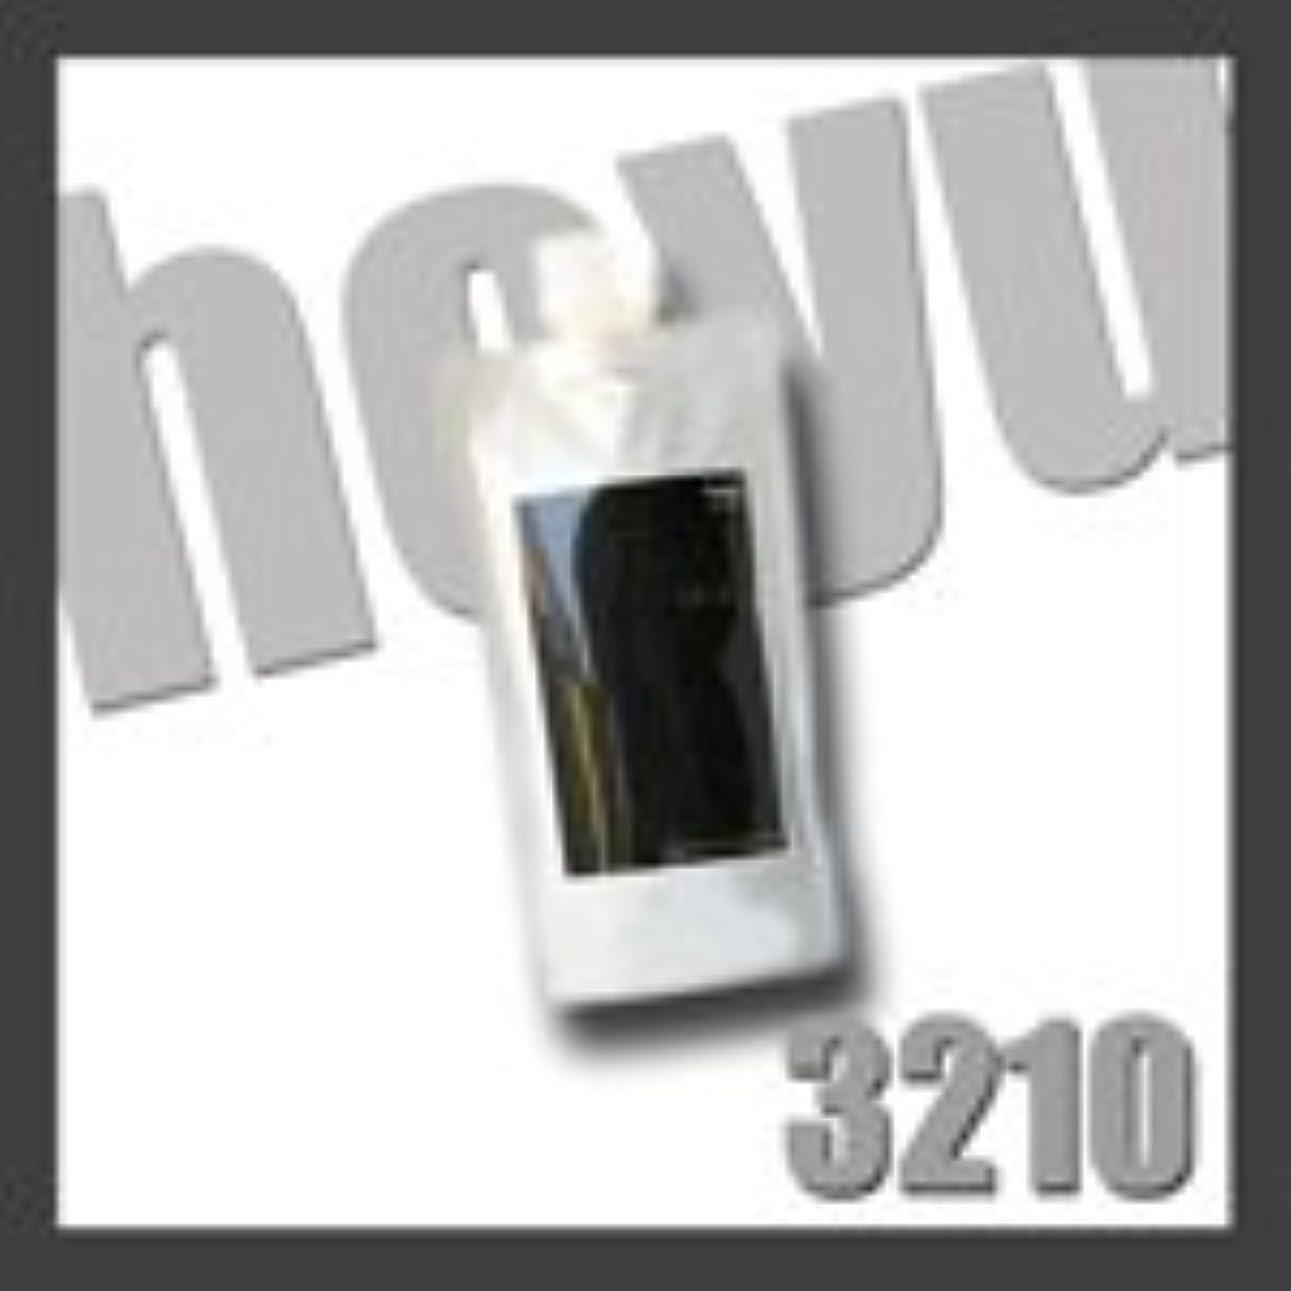 すき言語震えるHOYU ホーユー 3210 ミニーレ ウルトラハード ワックス レフィル 200g 詰替用 フィニッシュワークシリーズ